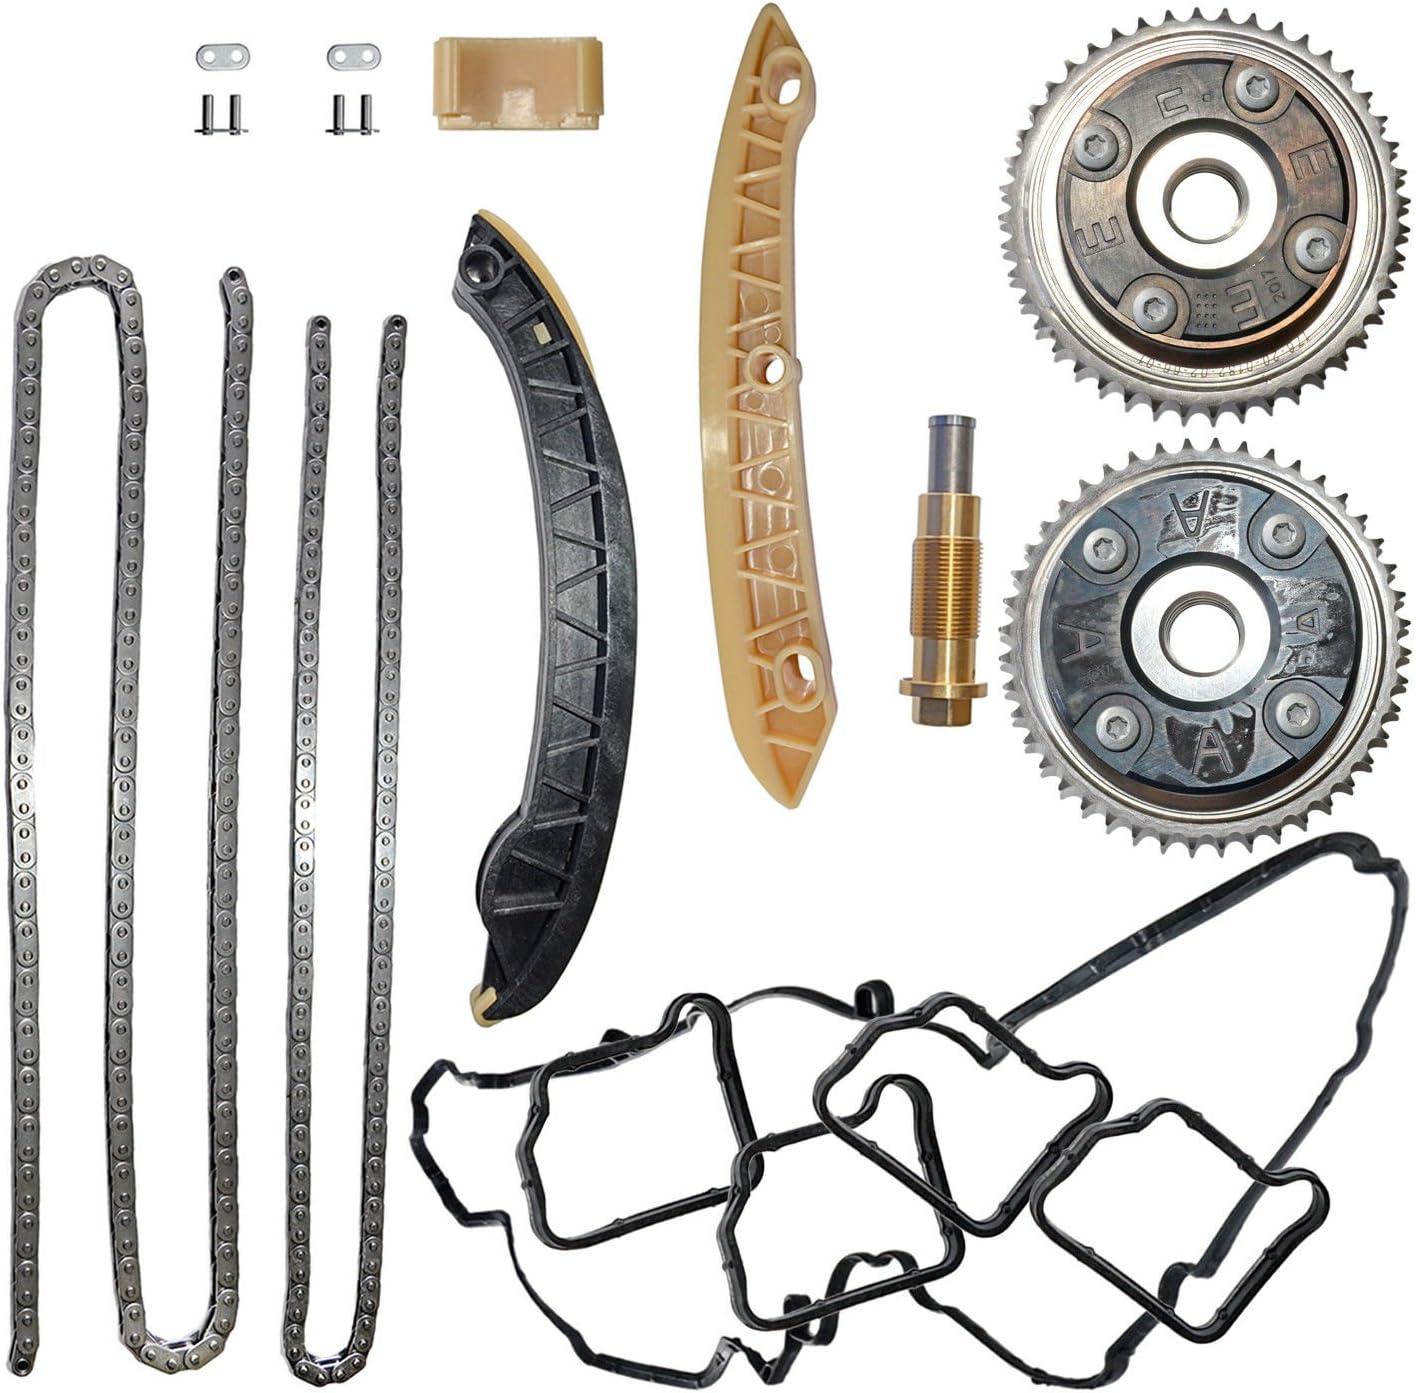 2710500800 2710500647Nockenwellenversteller Zahnkettensatz Getriebe VVT-Antrieb VANOS 1.8 L